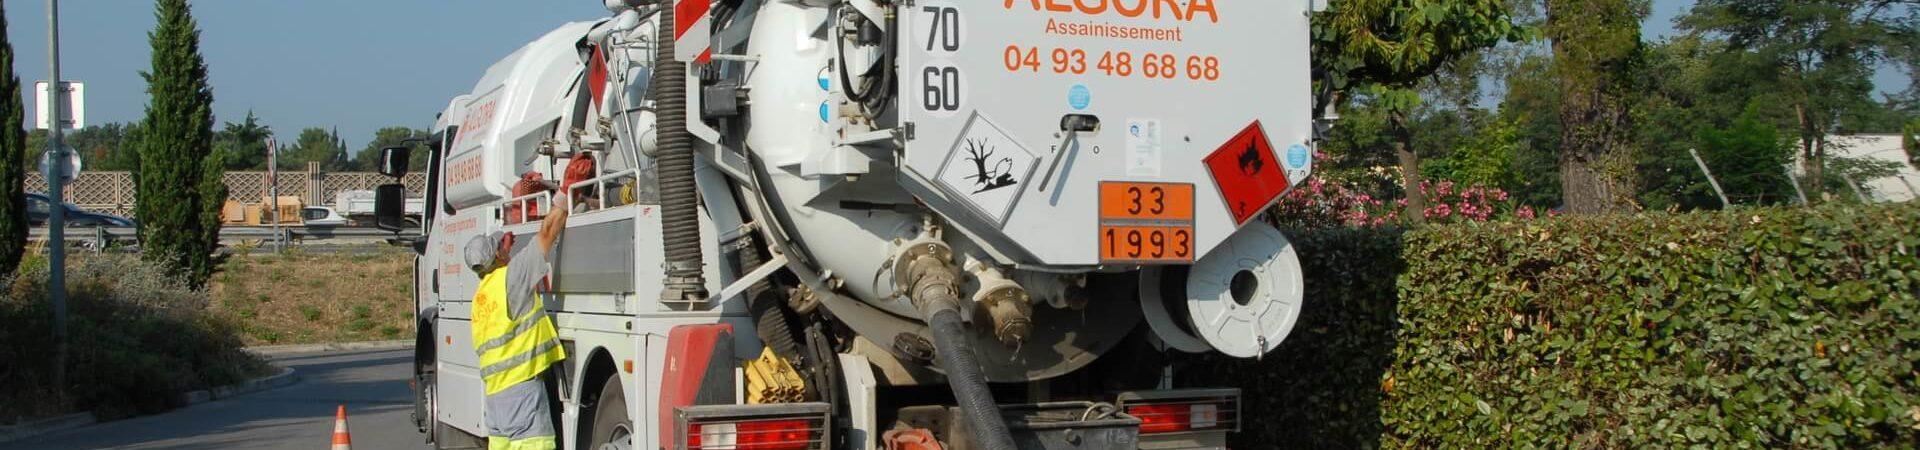 Travaux pétroliers pompage de cuves d'hydrocarbures